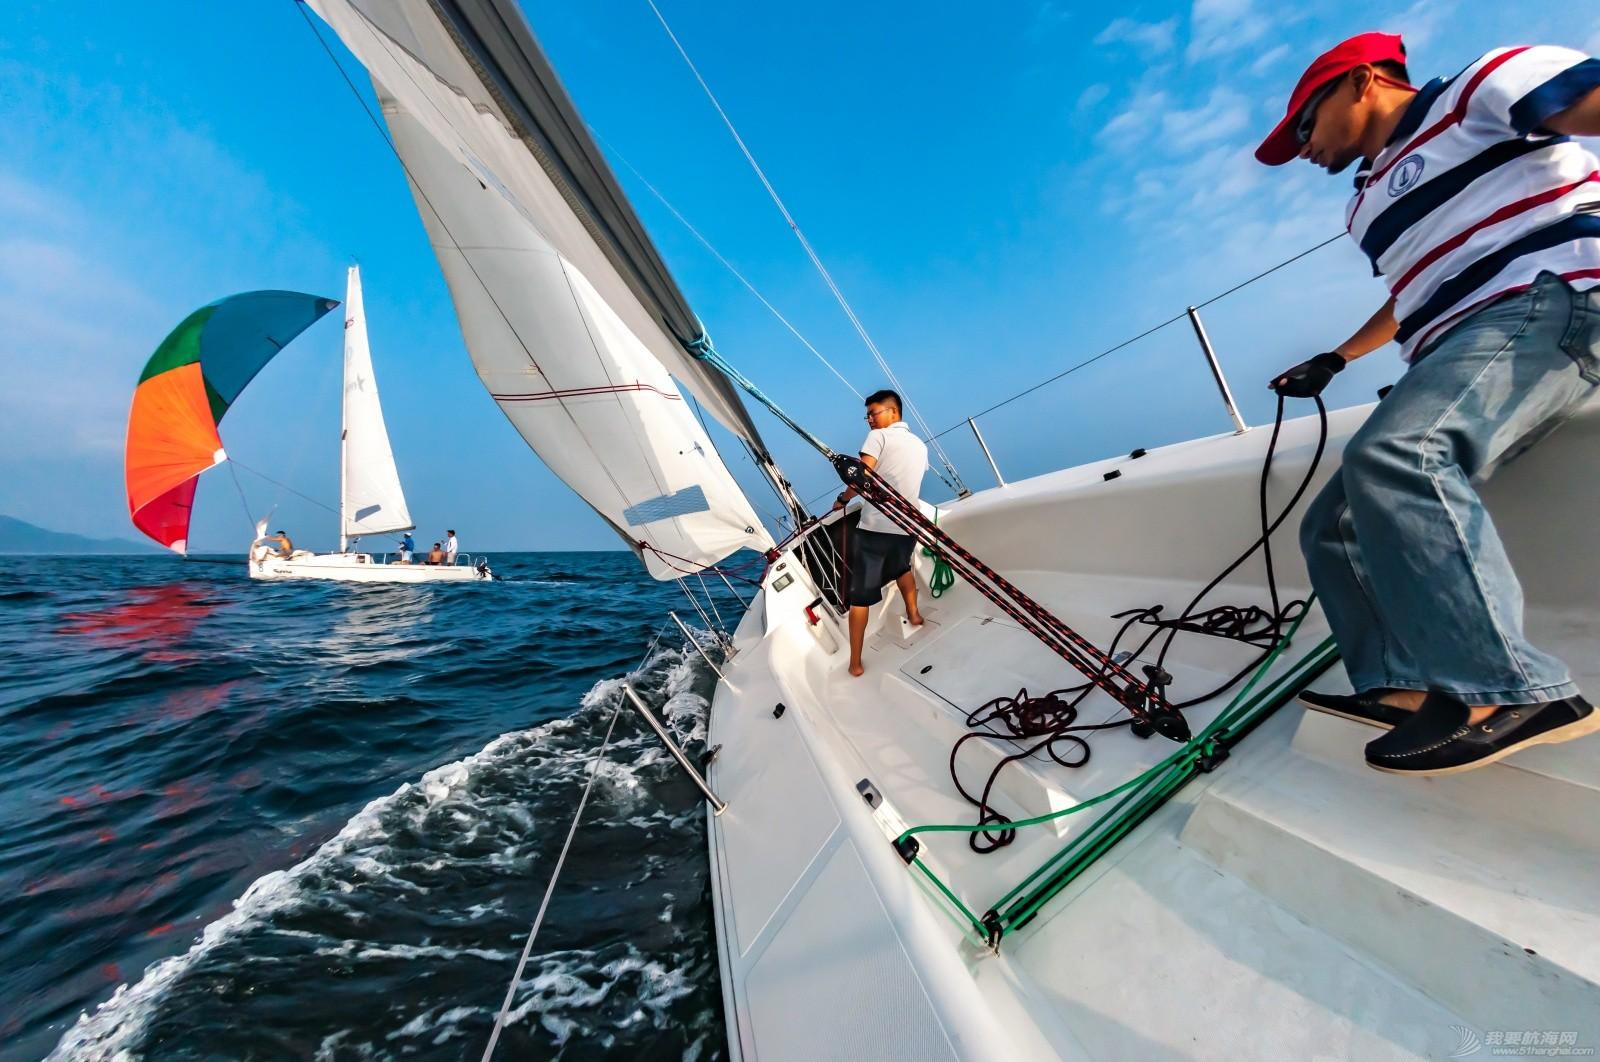 帆船 【2015大鹏杯帆船赛】鱼眼看航海 16039.jpg